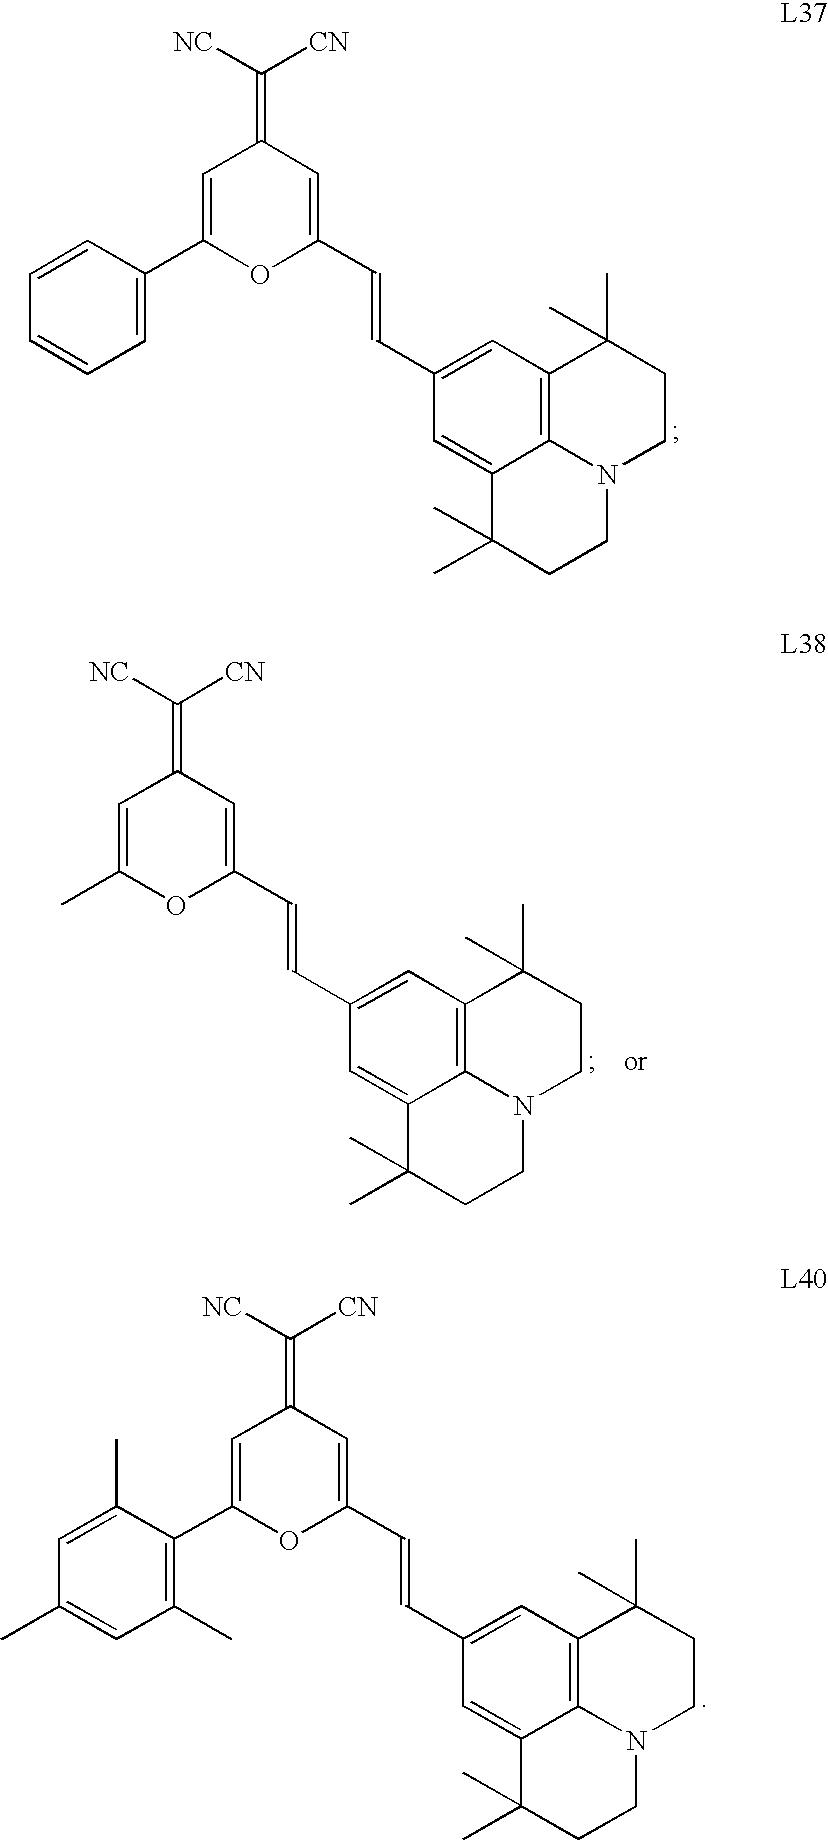 Figure US20060105198A1-20060518-C00040